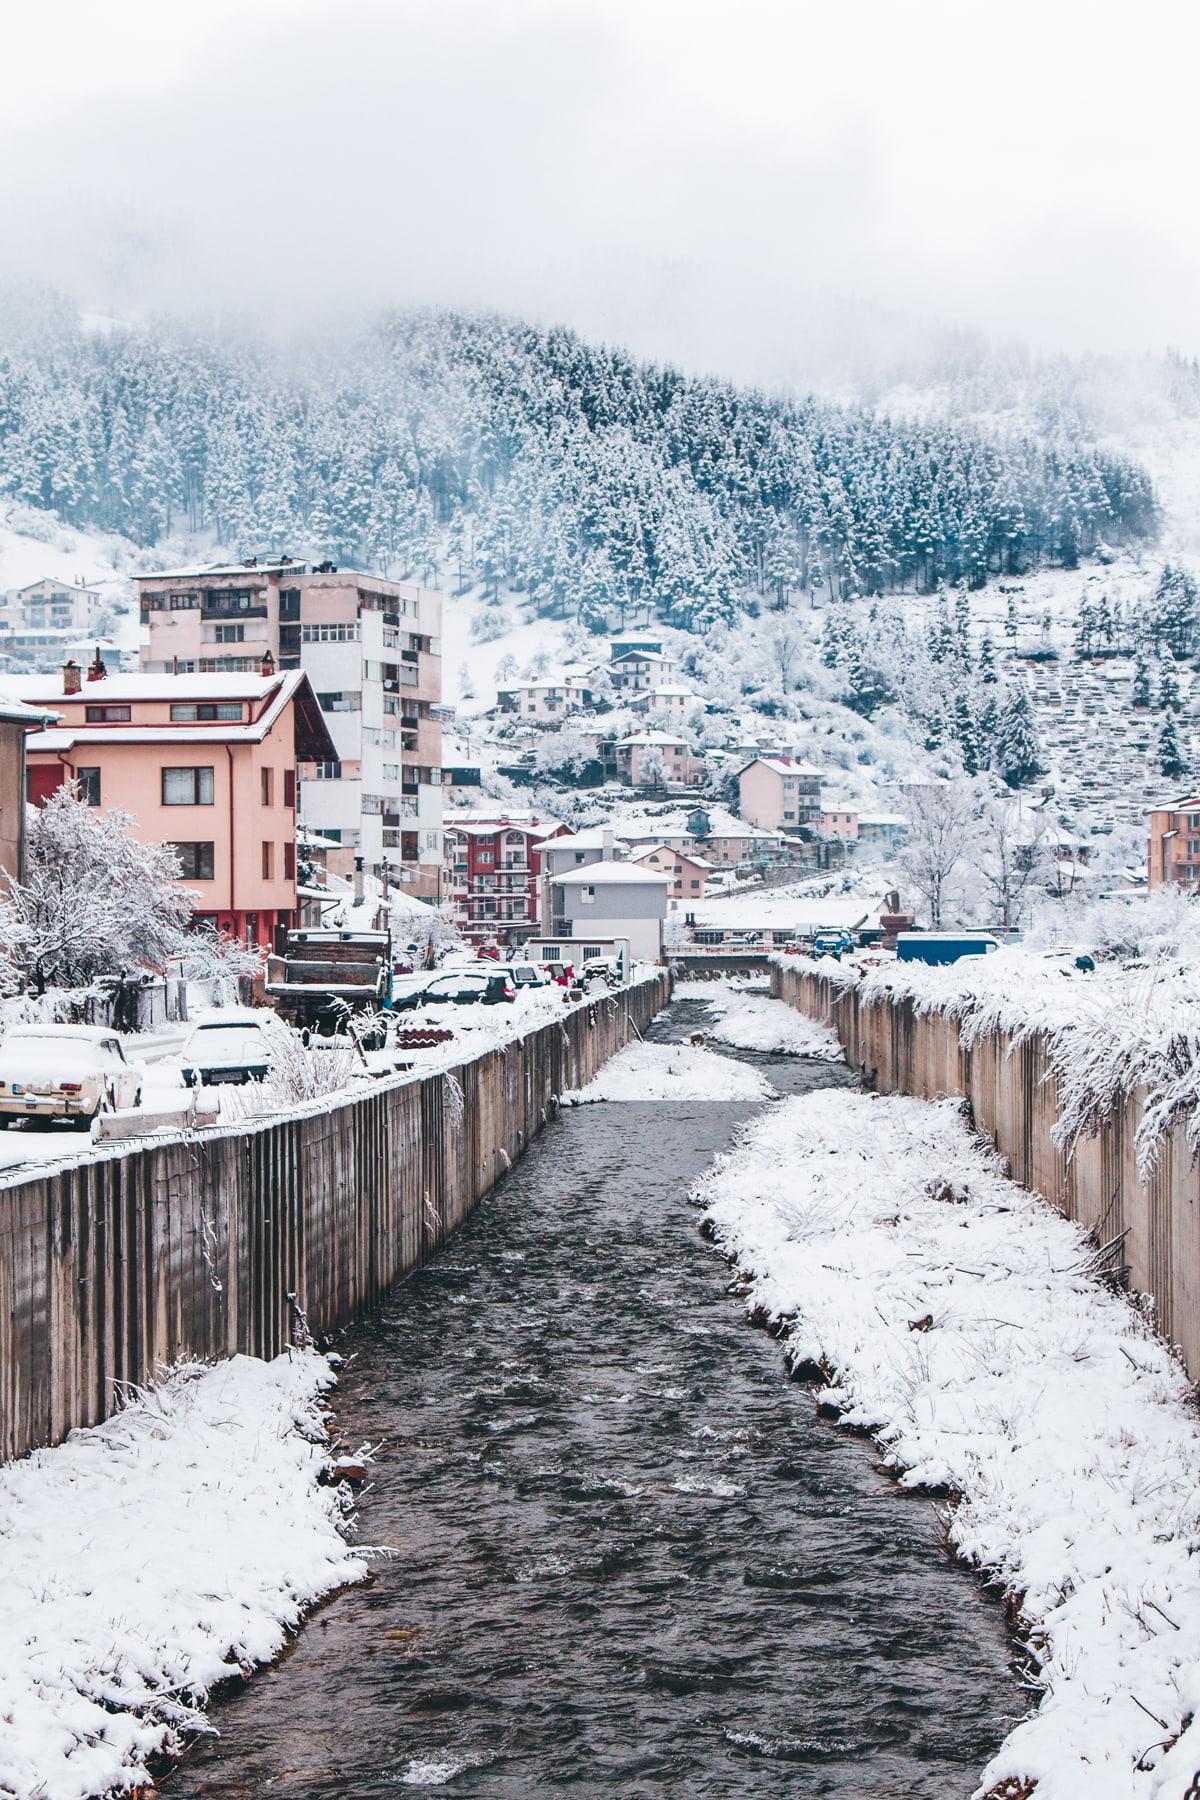 Chepelare, Bulgaria